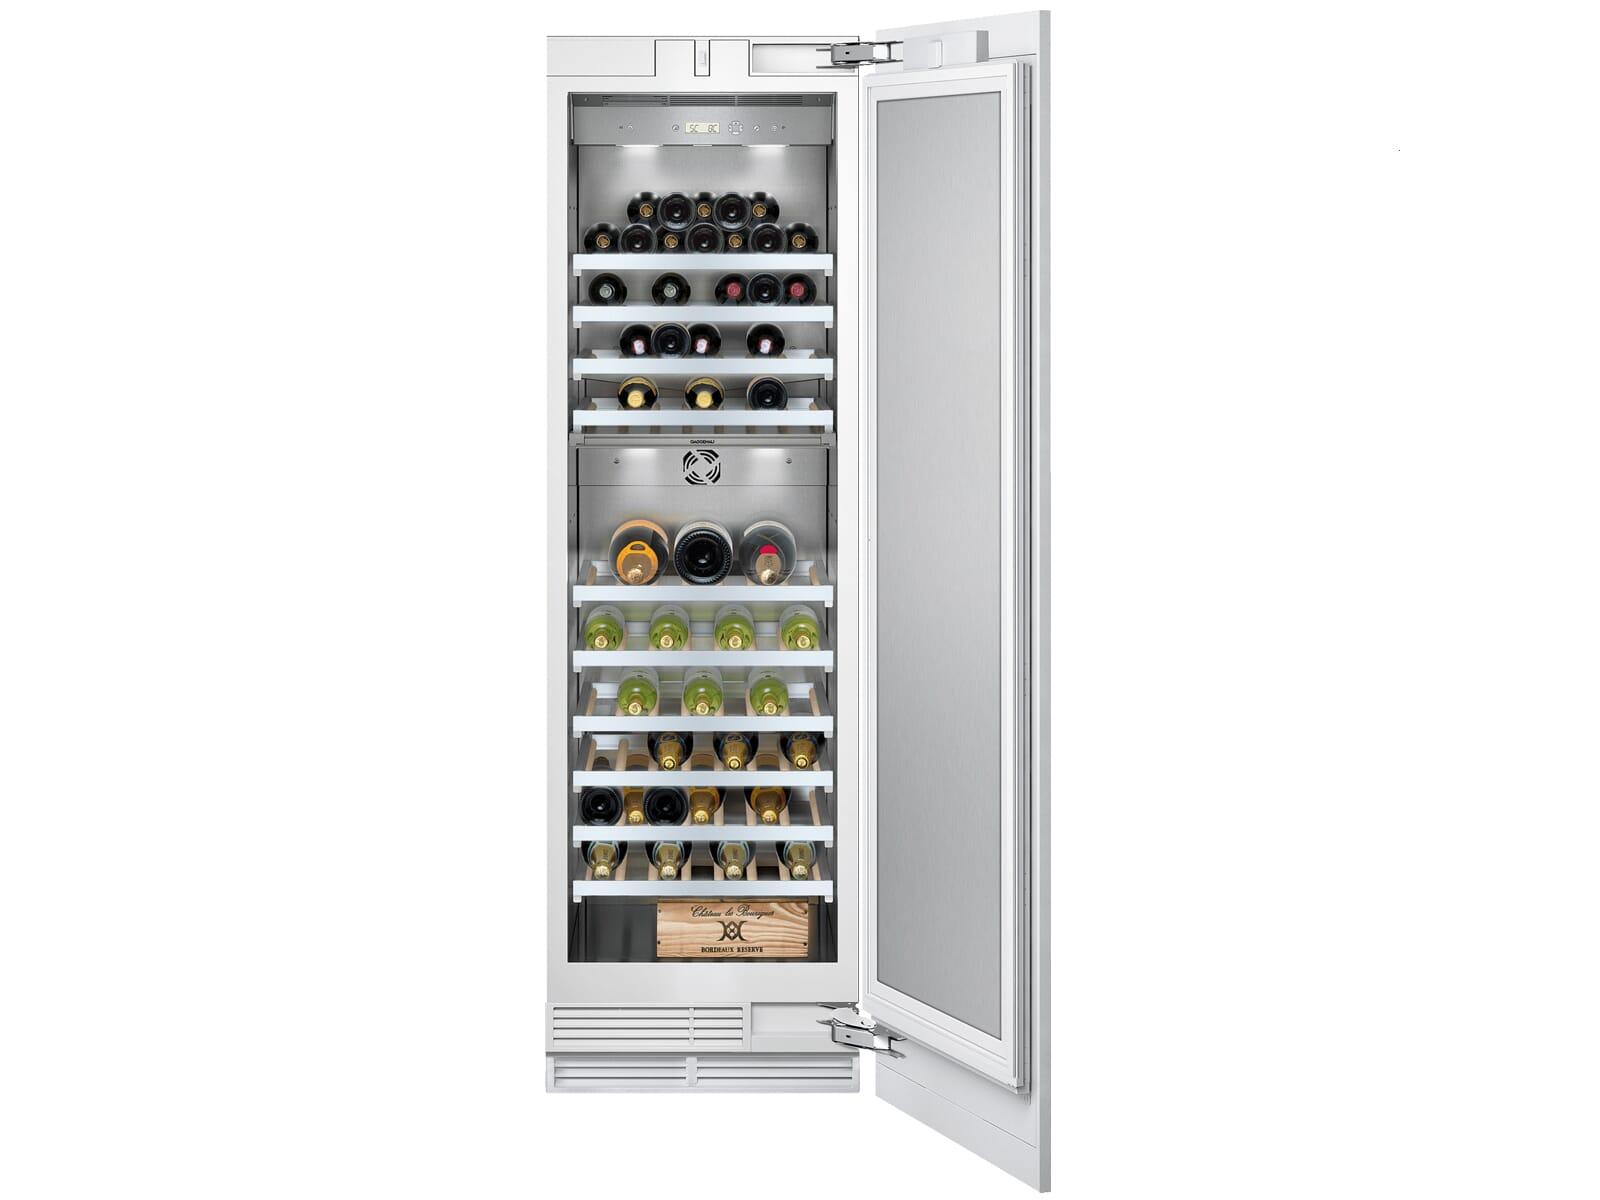 Gaggenau RW 464 301 Serie 400 Einbau Weinklimaschrank